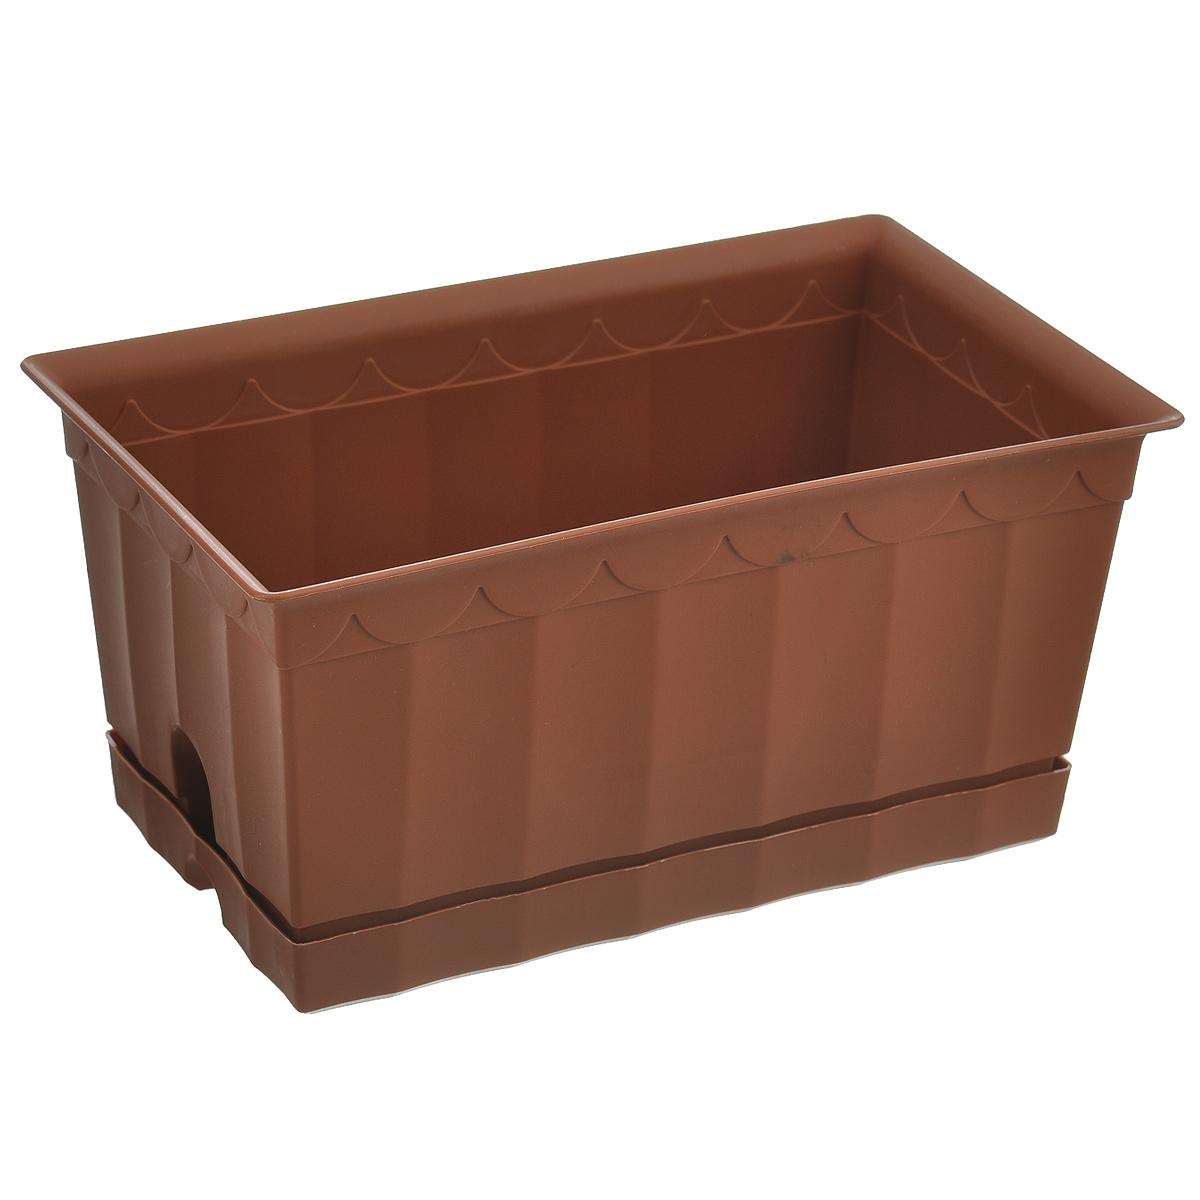 Ящик для цветов с поддоном Полимербыт, цвет: коричневый, 20 х 12 х 9,5 смС119Ящик для цветов Полимербыт, выполненный из пластика коричневого цвета, - прекрасный способ подчеркнуть красоту и уникальность любого растения и дополнить интерьер помещения. Такой ящик также прекрасно подойдет для рассады. К ящику прилагается поддон.